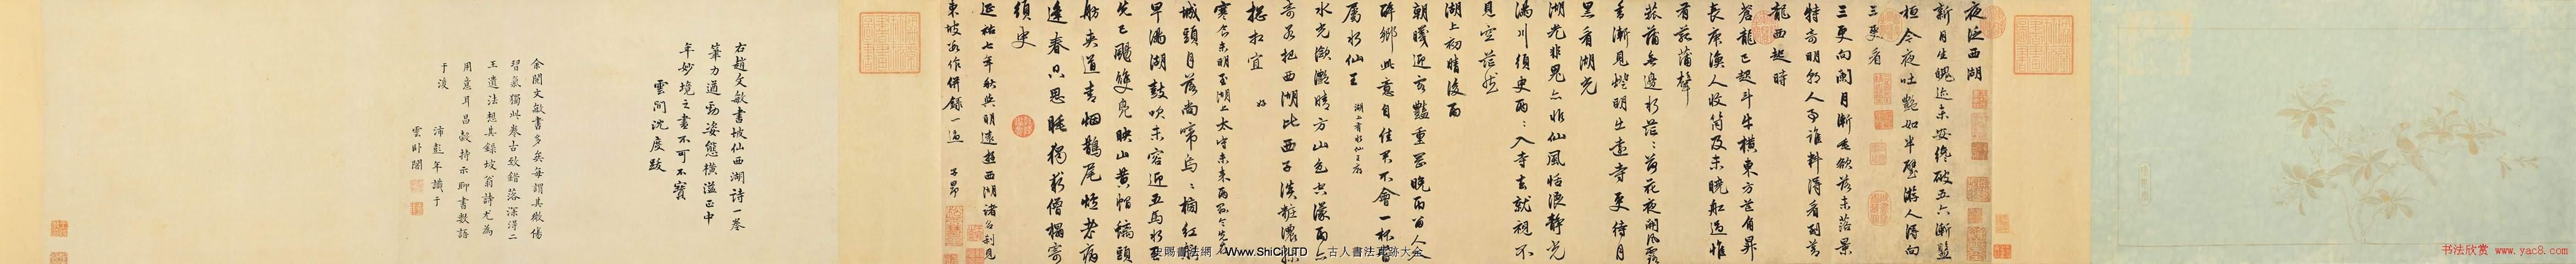 趙孟頫行書《蘇軾西湖詩》書法長卷真跡欣賞(共8張圖片)